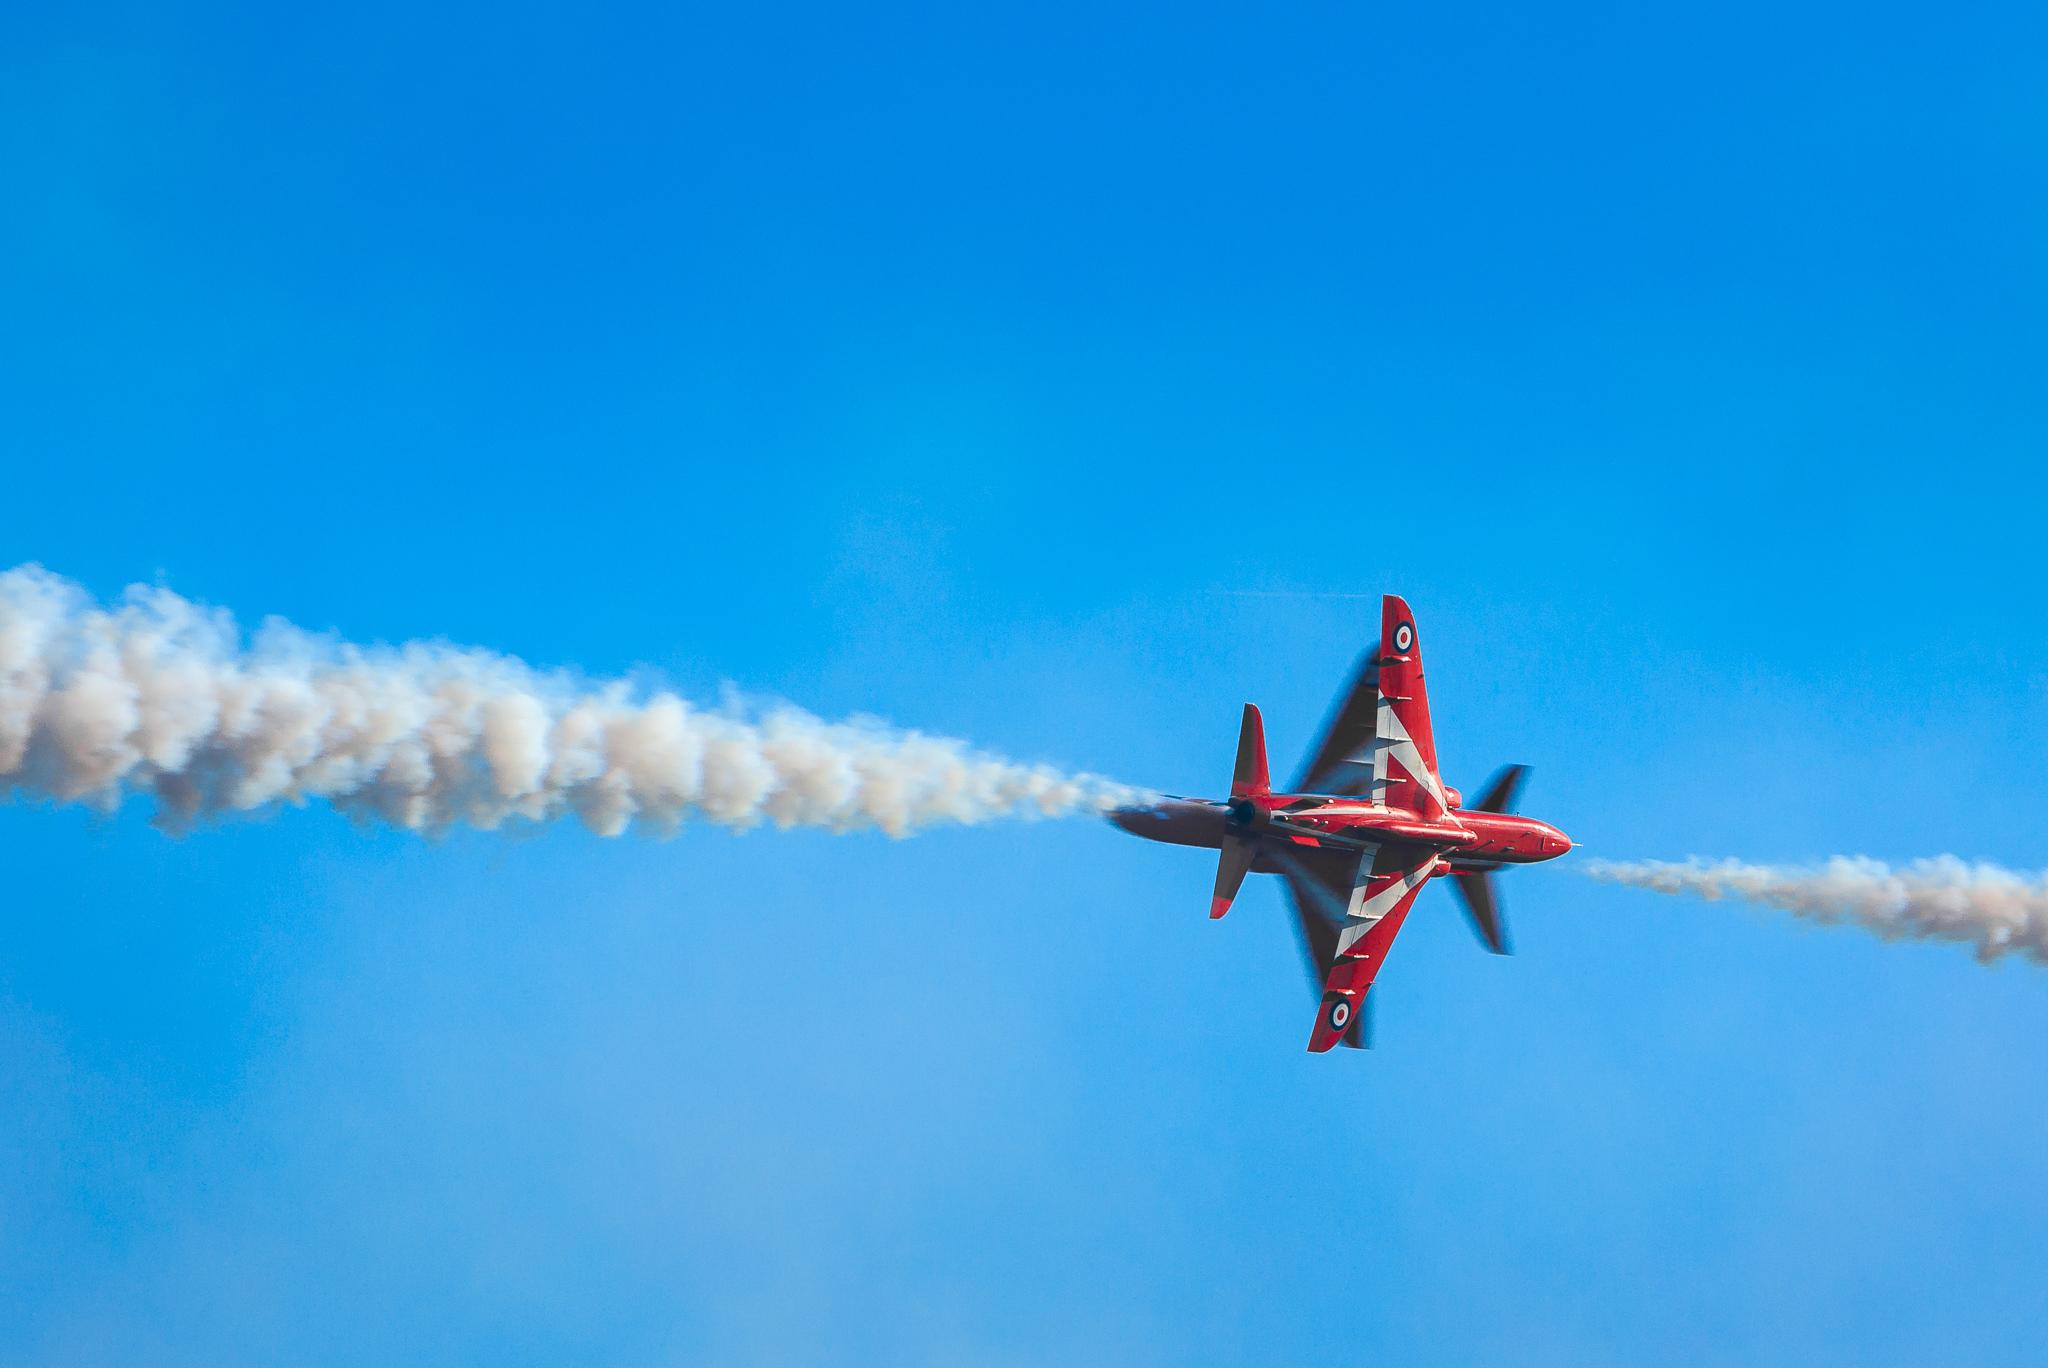 BAE Systems Hawk of the RAF Red Arrows